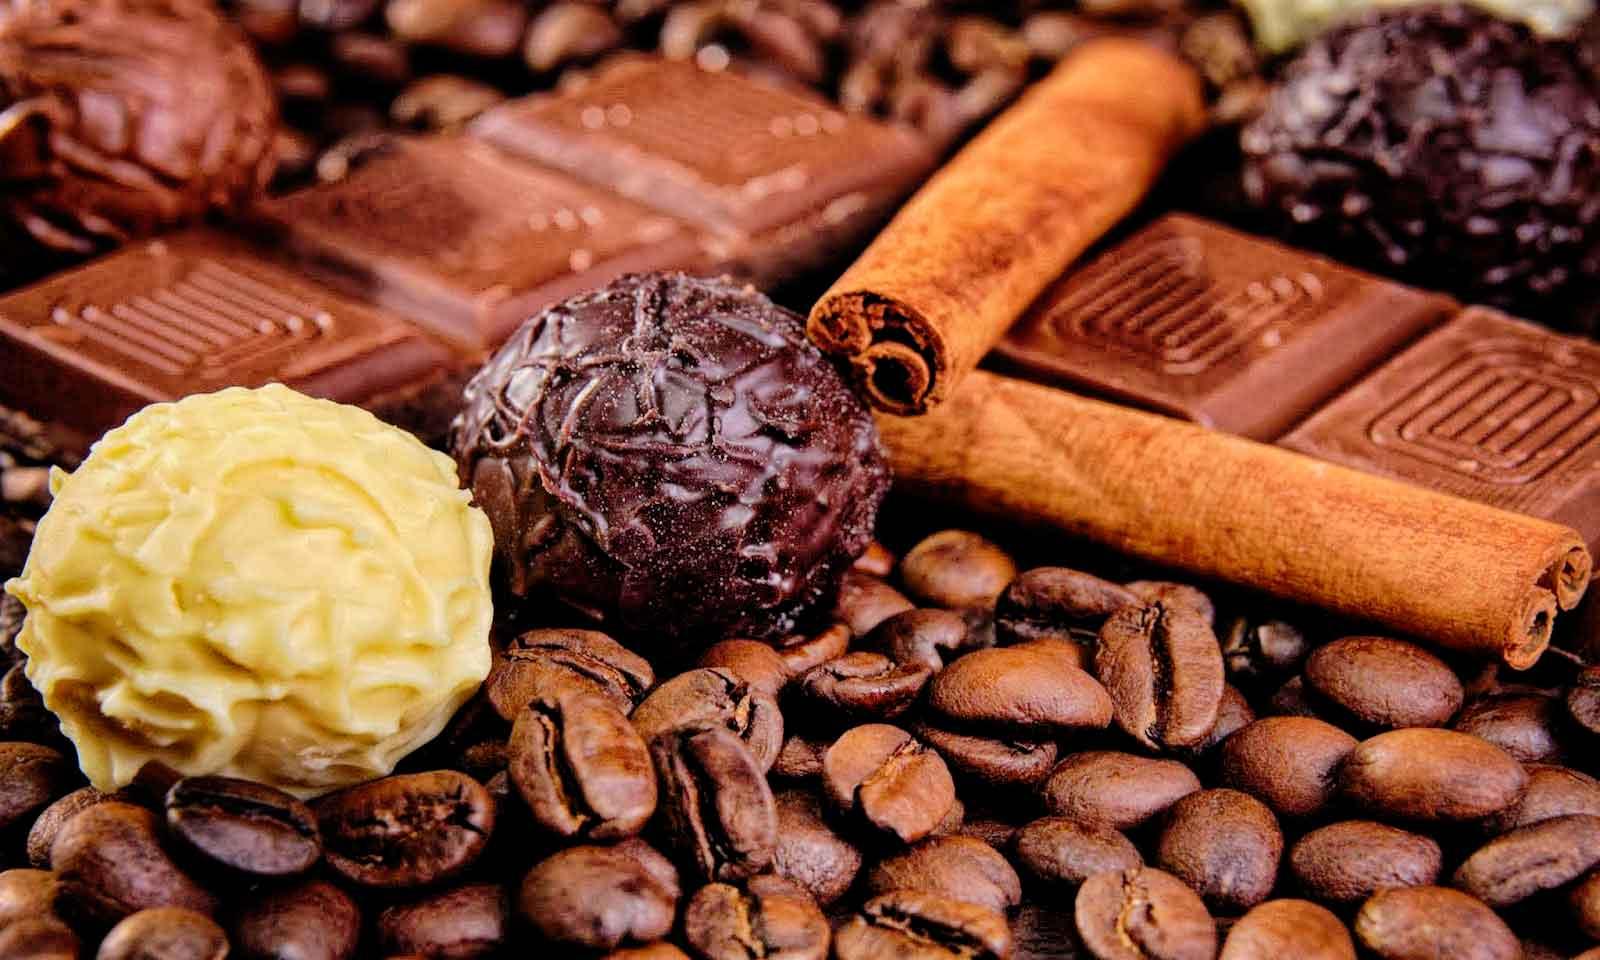 al falchetto perugia chocolate - photo#22